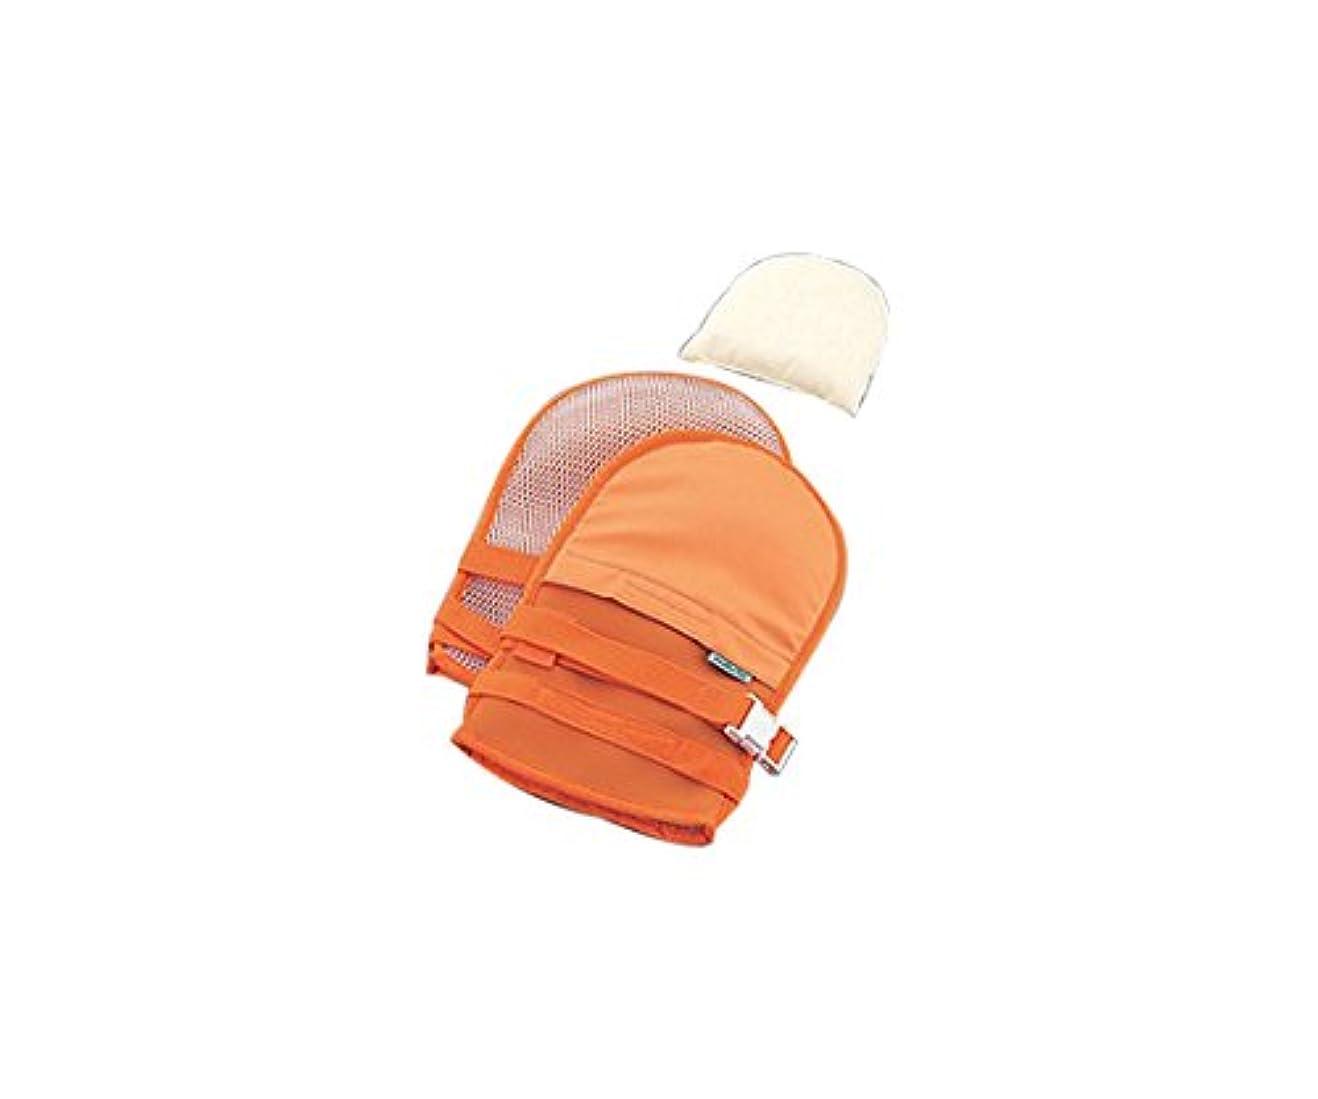 ベギン襟恵みナビス(アズワン)0-1638-43抜管防止手袋小メッシュオレンジ